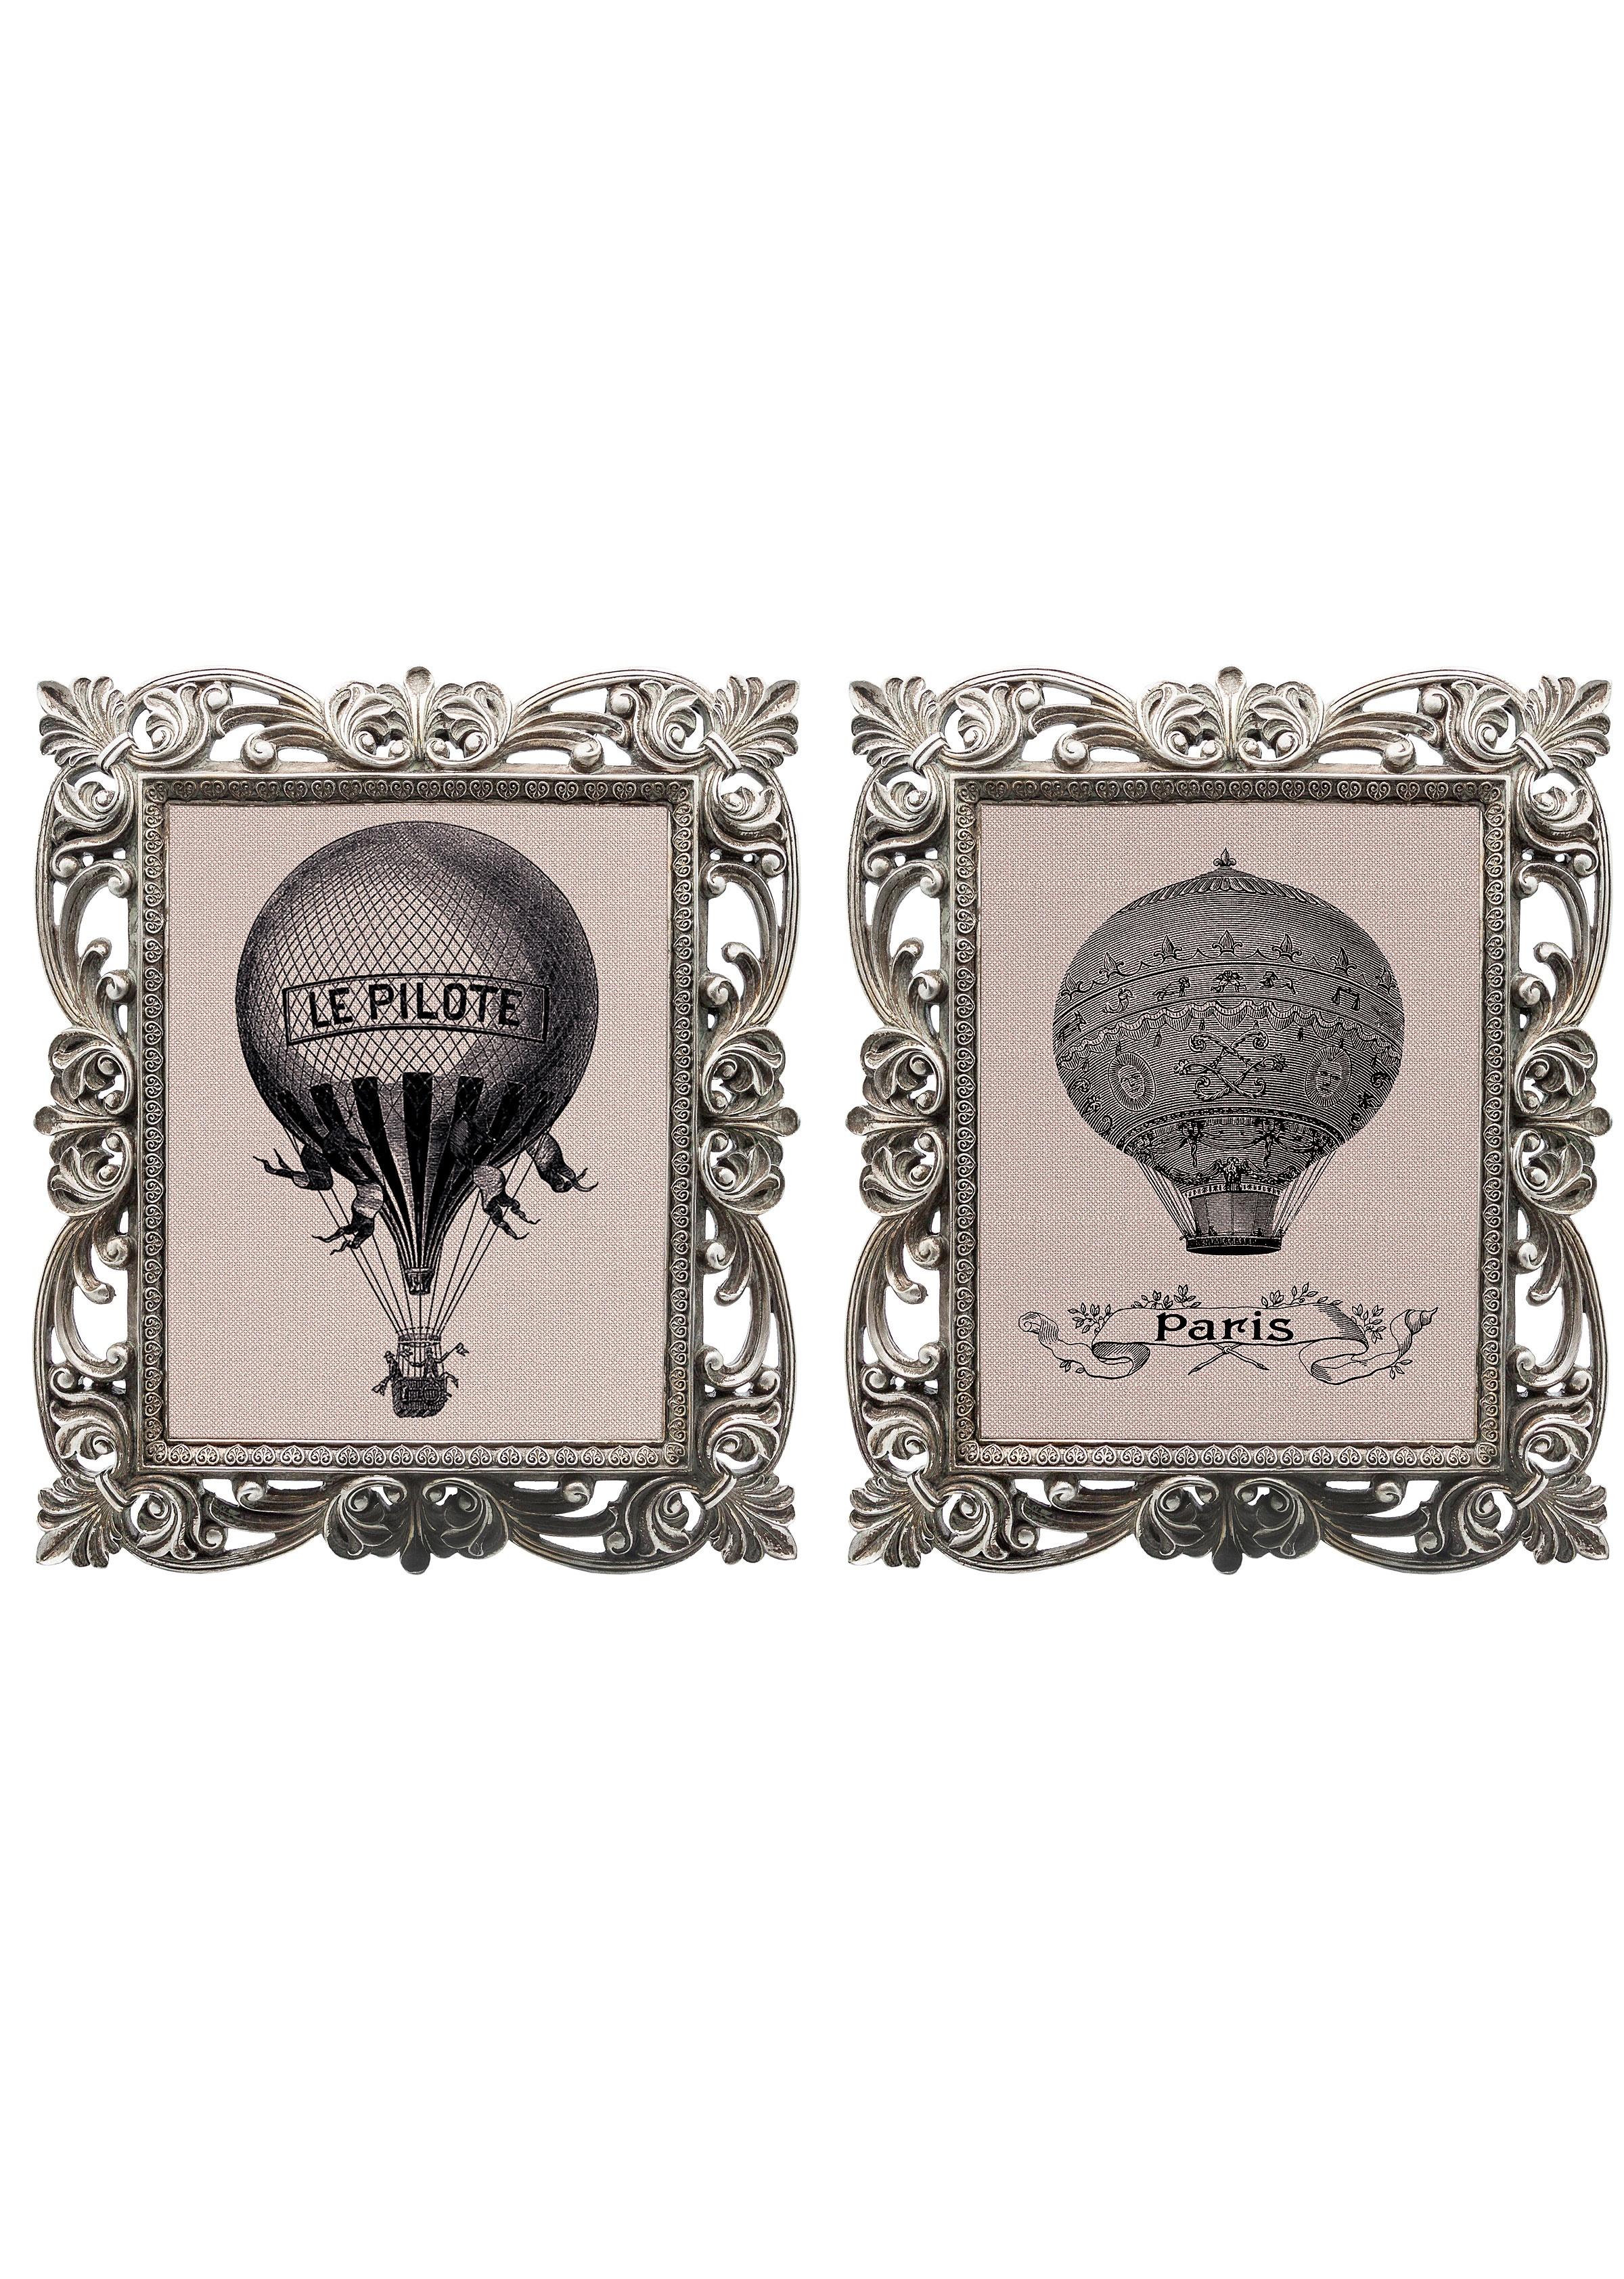 Набор из двух репродукций БеатрисКартины<br>&amp;lt;div&amp;gt;Приятно приходить в дом, в котором каждый уголок уютен и очарователен. Уникальные старинные гравюры «Полет на воздушном шаре» в окружении изящных рам создают особую романтическую атмосферу. Изображения завораживают и погружают в магическую атмосферу таинства. Пусть ваш дом наполнится чудесами! Искусная техника состаривания придает рамам особую теплоту и винтажность. Благородная патина на поверхности рам — интригующее приглашение к прогулке в мир старинных реликвий! Картины можно повесить на стену, а можно поставить, например, на стол или камин. Если Вам захочется обновить интерьер, Вы можете с легкостью заменить изображение картин!&amp;lt;/div&amp;gt;&amp;lt;div&amp;gt;&amp;lt;br&amp;gt;&amp;lt;/div&amp;gt;&amp;lt;div&amp;gt;Изображение - дизайнерская бумага; рама - искуственный камень; защитный слой - стекло&amp;amp;nbsp;&amp;lt;/div&amp;gt;&amp;lt;div&amp;gt;цвет:мультиколор&amp;amp;nbsp;&amp;lt;/div&amp;gt;<br><br>Material: Бумага<br>Ширина см: 30<br>Высота см: 35<br>Глубина см: 2